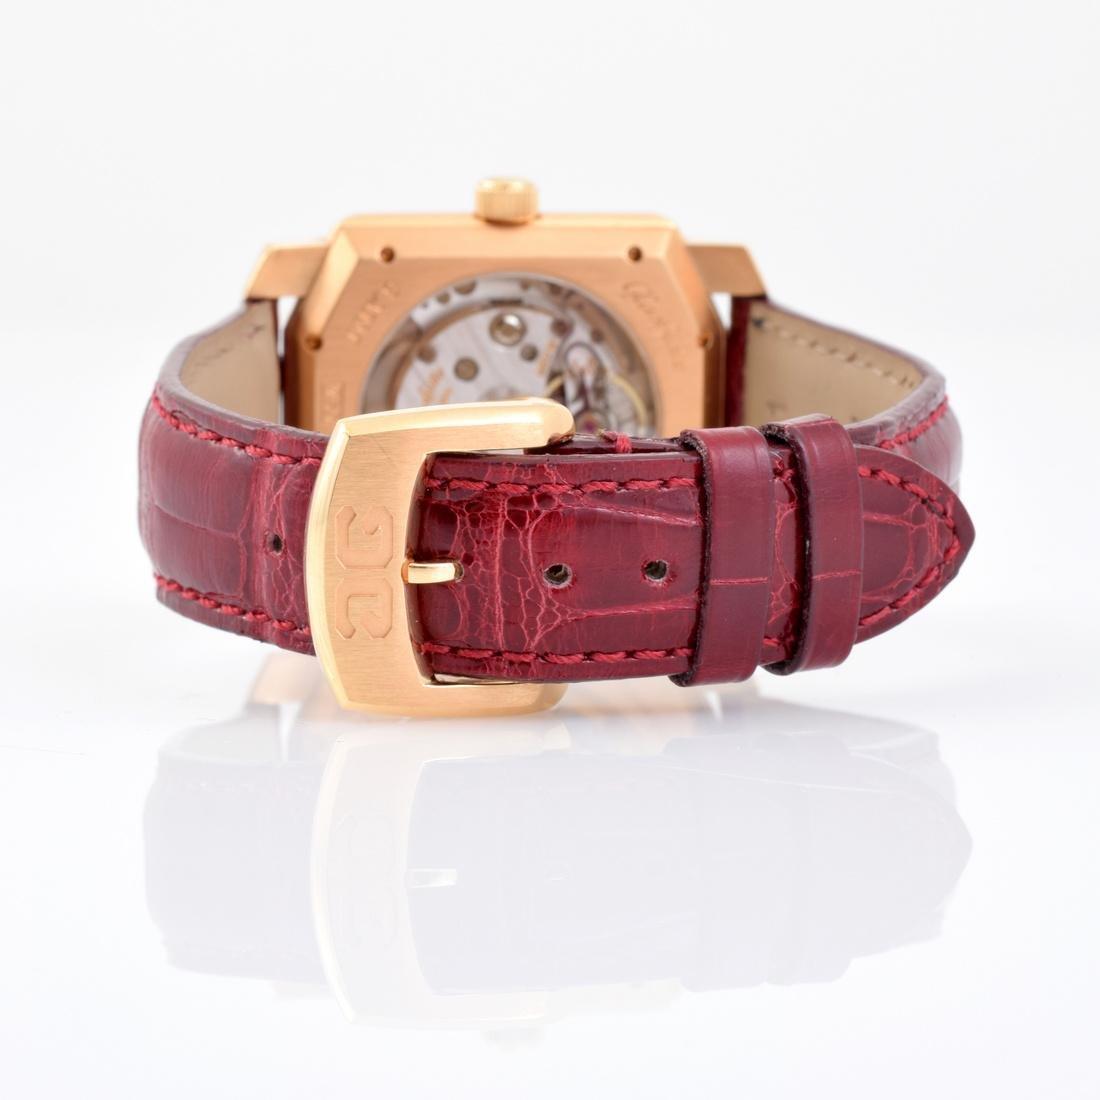 18K Gold Glashutte Men's Vintage Estate Wrist Watch - 7